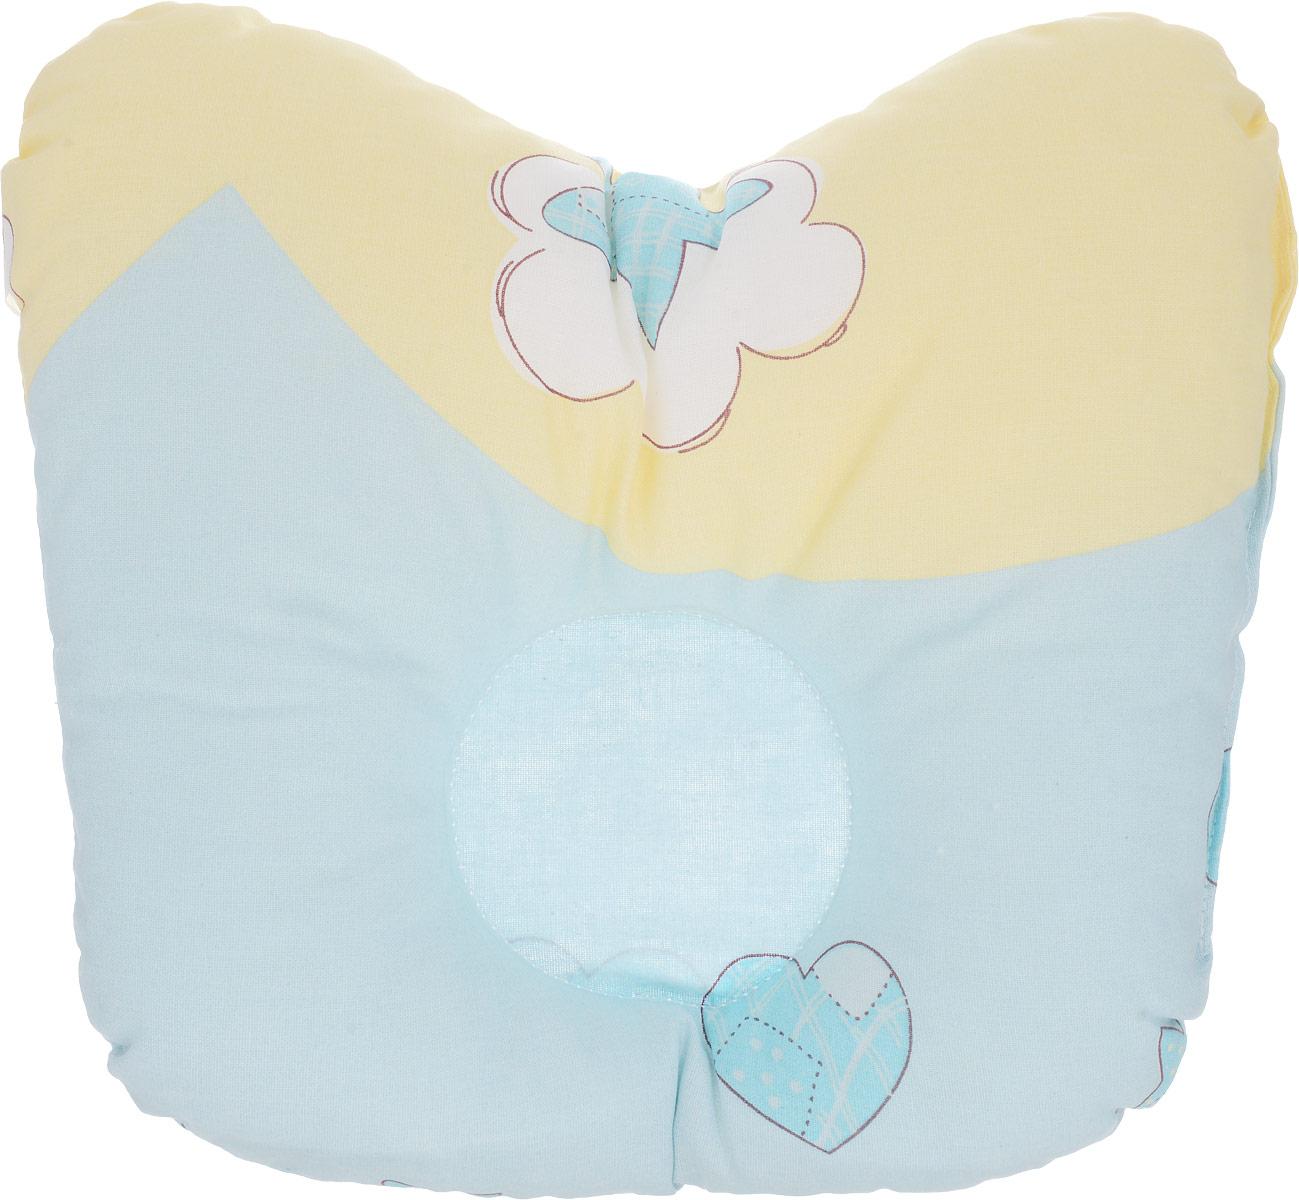 Сонный гномик Подушка анатомическая для младенцев Мишка цвет голубой желтый 27 х 20 см555А _голубой, желтыйАнатомическая подушка для младенцев Сонный гномик Мишка изготовлена из бязи - 100% хлопка. Наполнитель - синтепон в гранулах (100% полиэстер).Подушка компактна и удобна для пеленания малыша и кормления на руках, она также незаменима для сна ребенка в кроватке и комфортна для использования в коляске на прогулке. Углубление в подушке фиксирует правильное положение головы ребенка.Подушка помогает правильному формированию шейного отдела позвоночника и обеспечивает младенцу крепкий и здоровый сон.